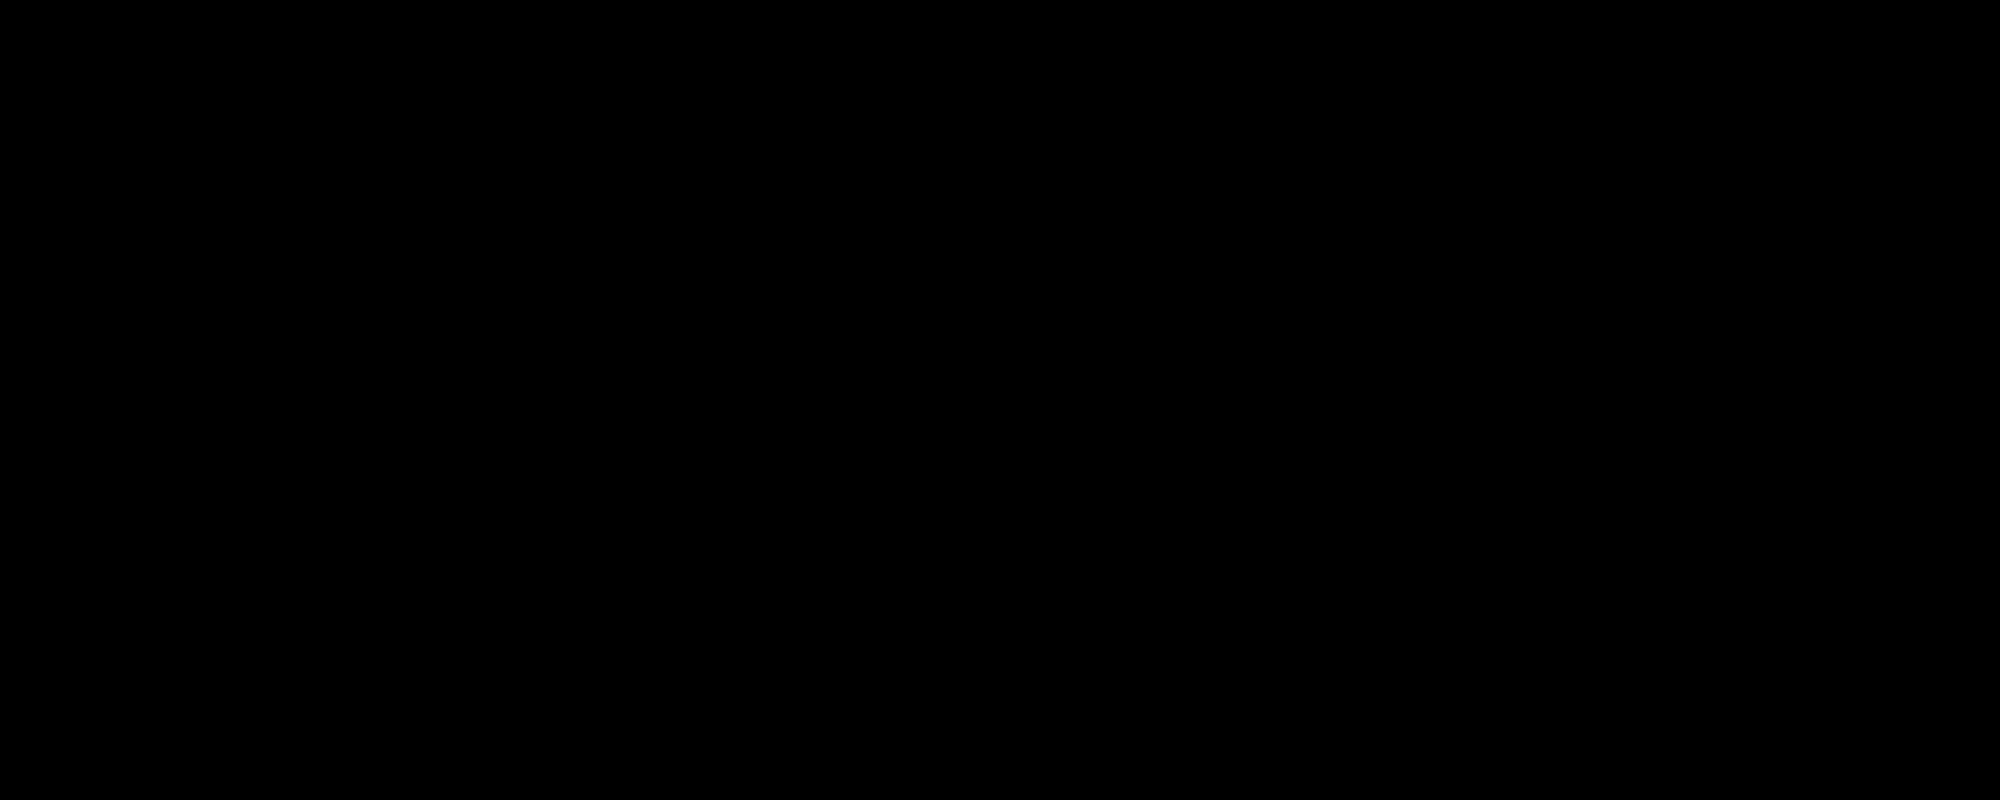 MARROW BLACK (1).png